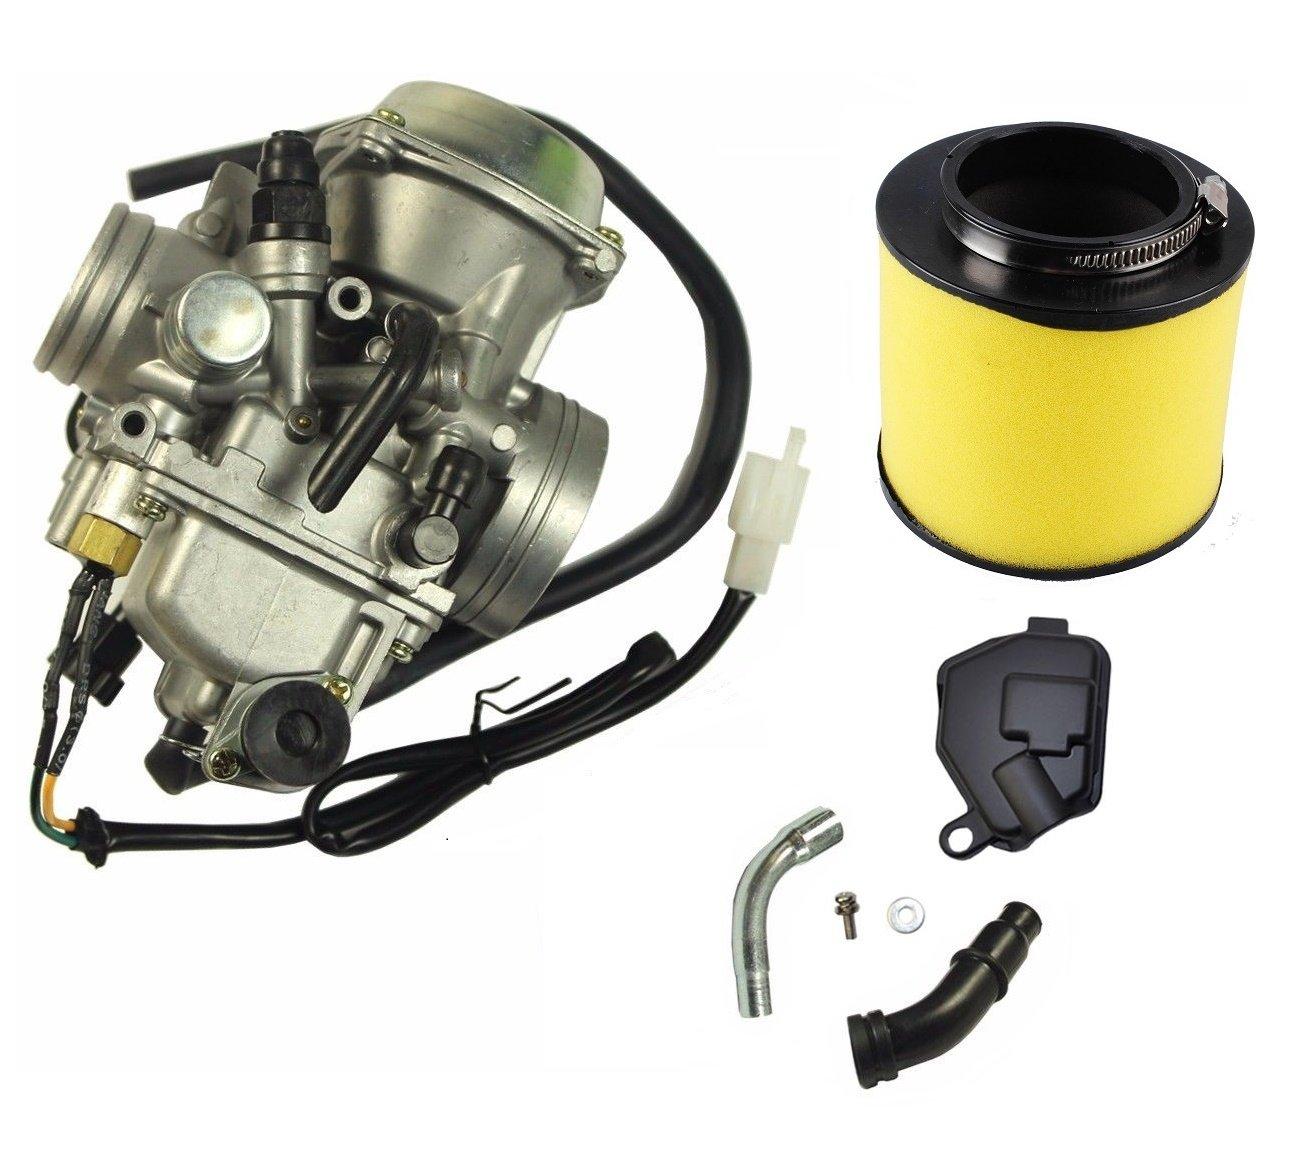 Carburetor And Air Filter for HONDA 350 TRX350 Rancher 350ES 350FE 350FMTE 350TM CARB 2000-2006 HUAYOUQI